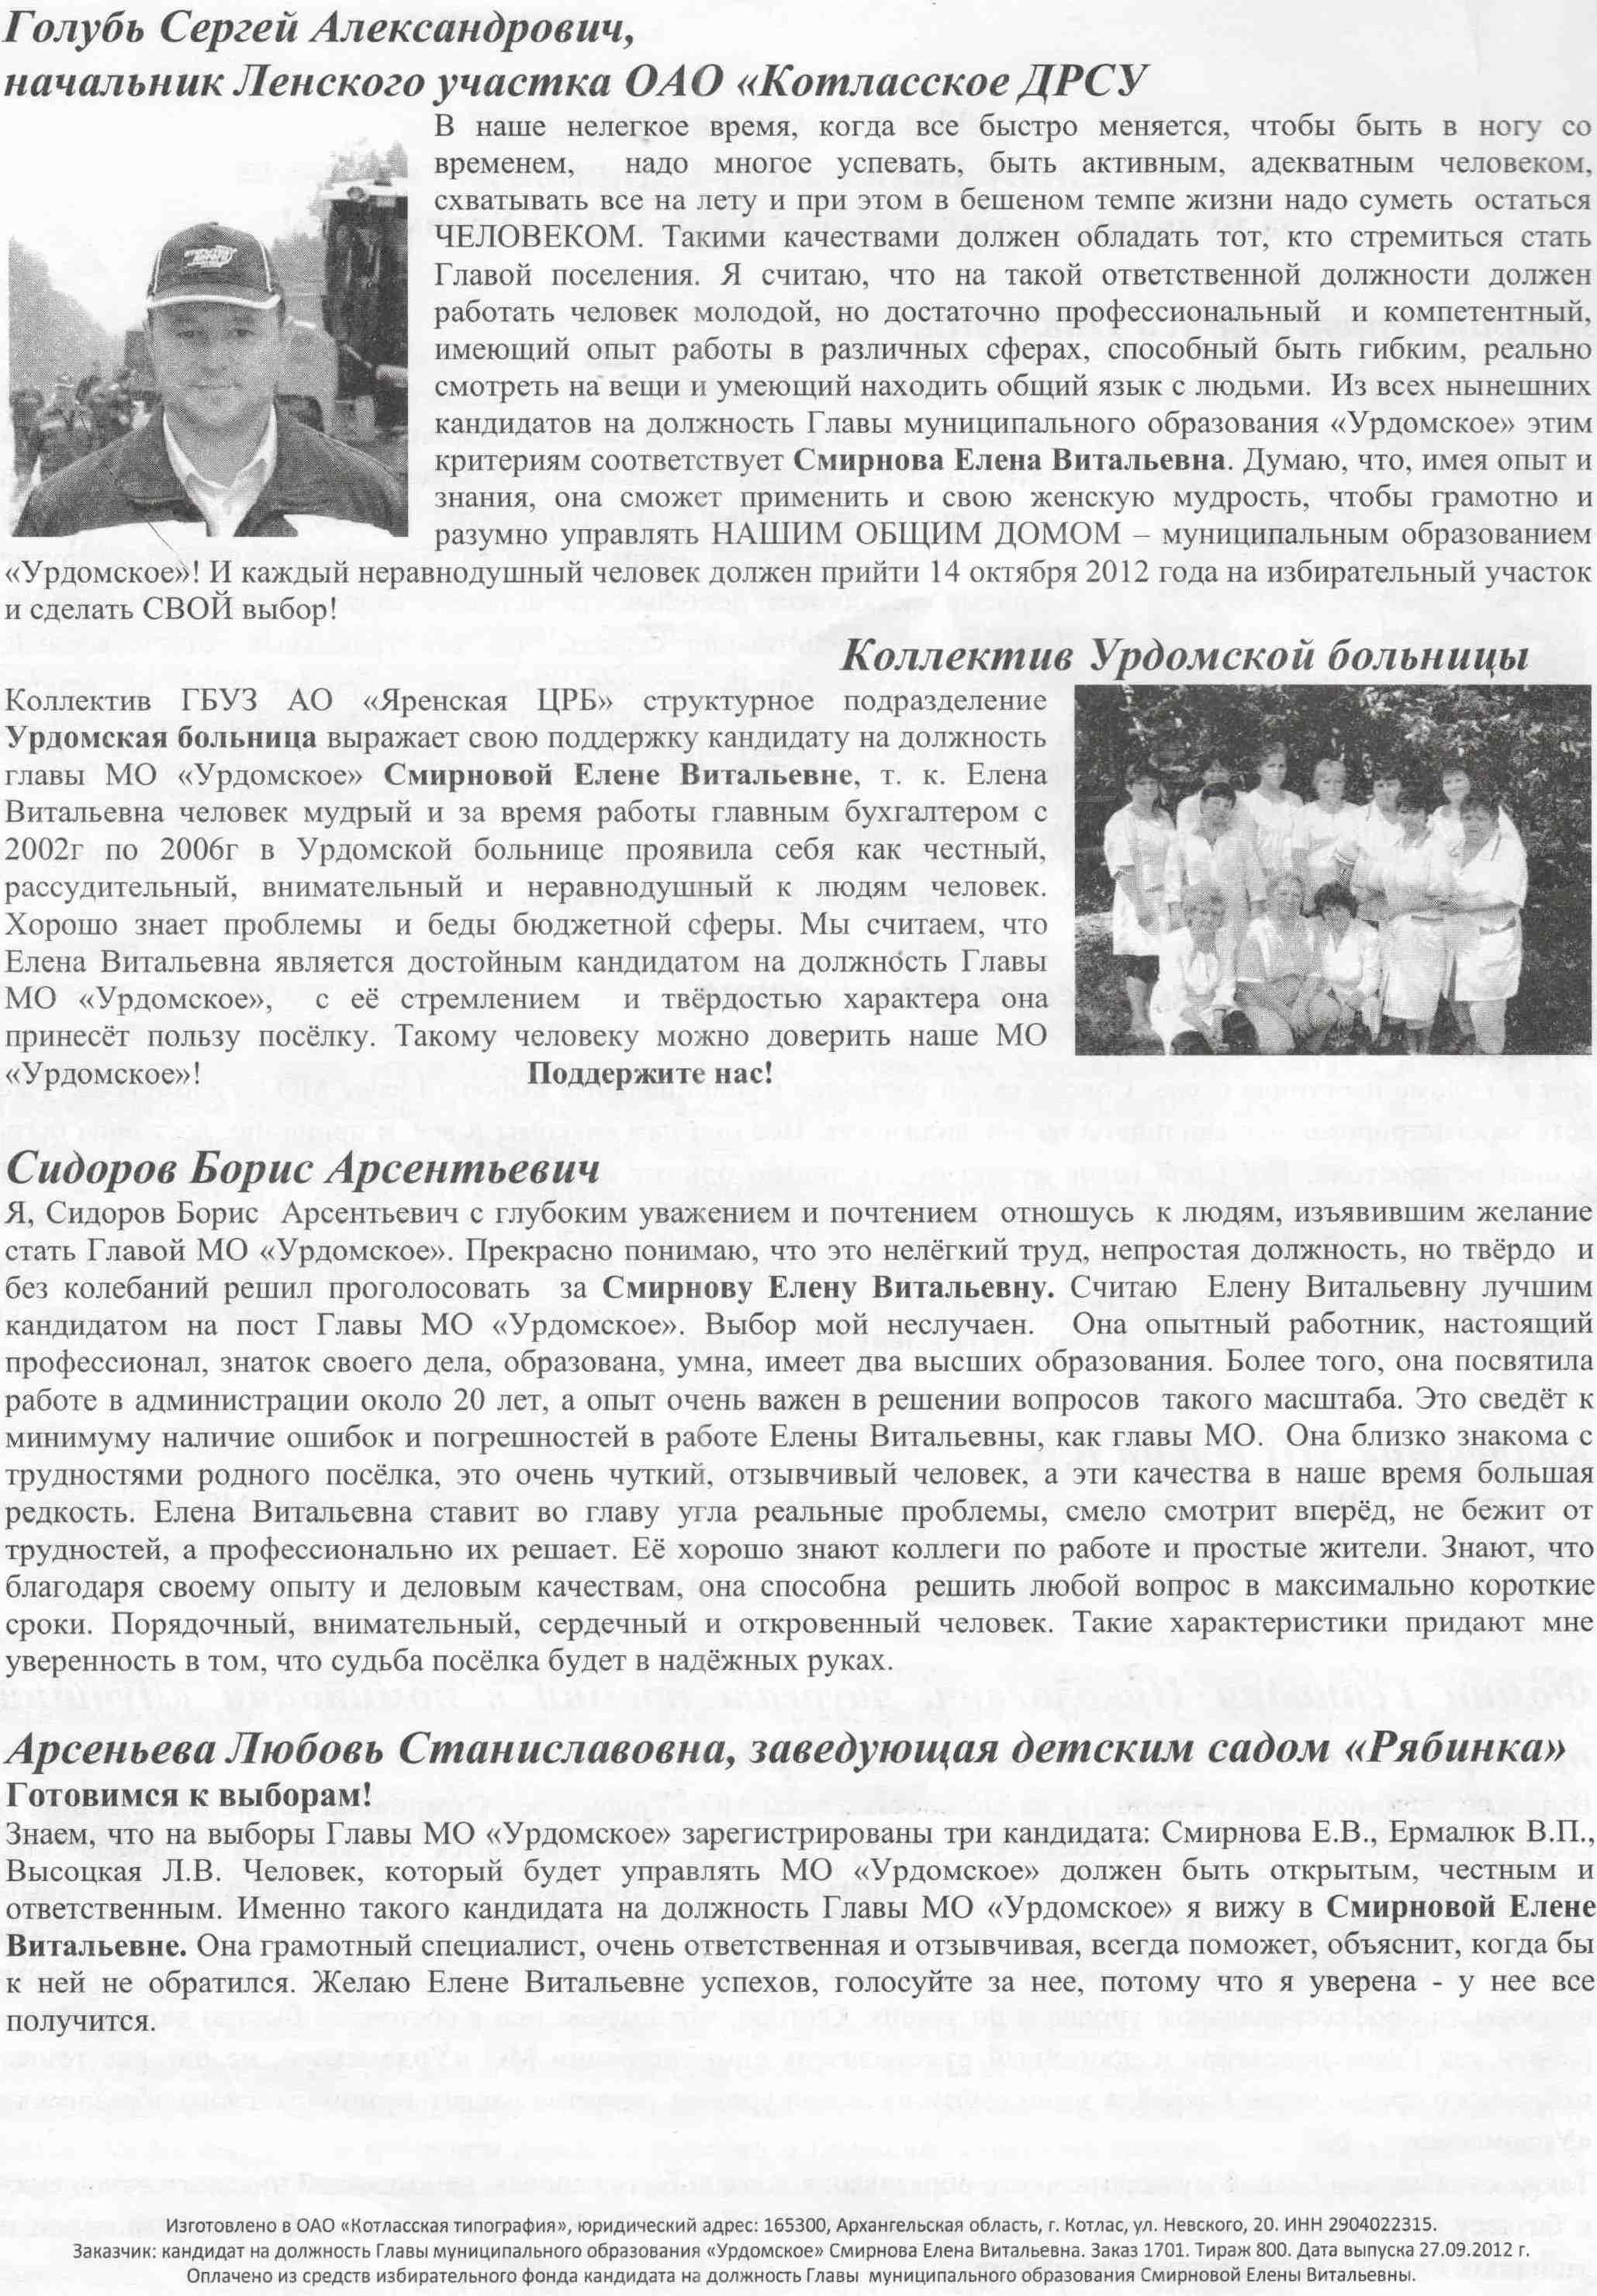 Смирнова ЕВ, кандидат (3)